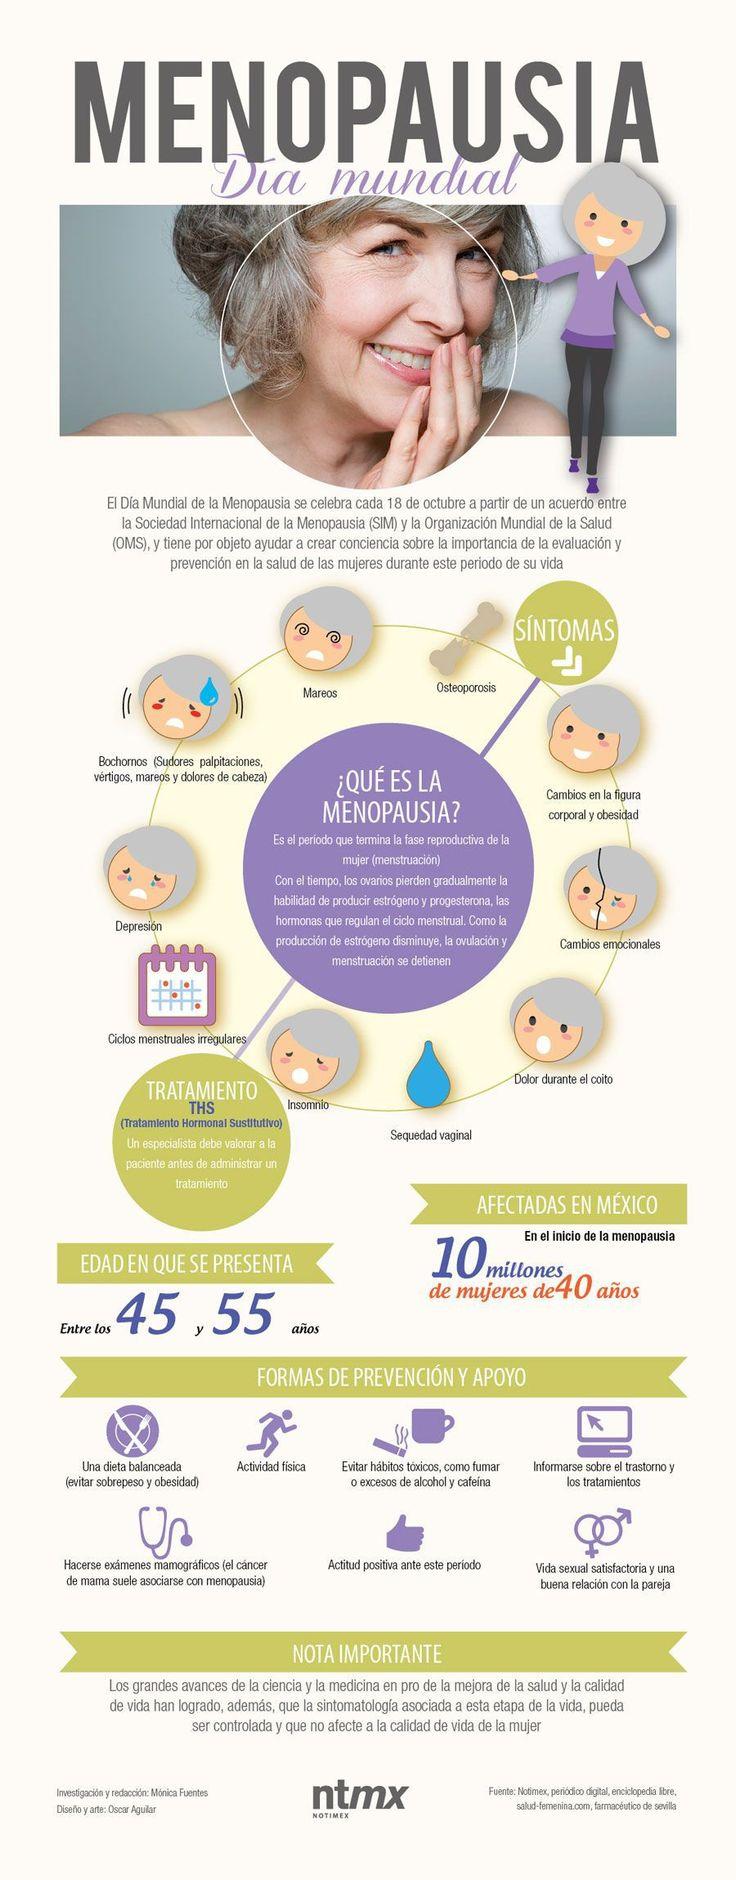 Consejos y alimentos para afrontar la menopausia